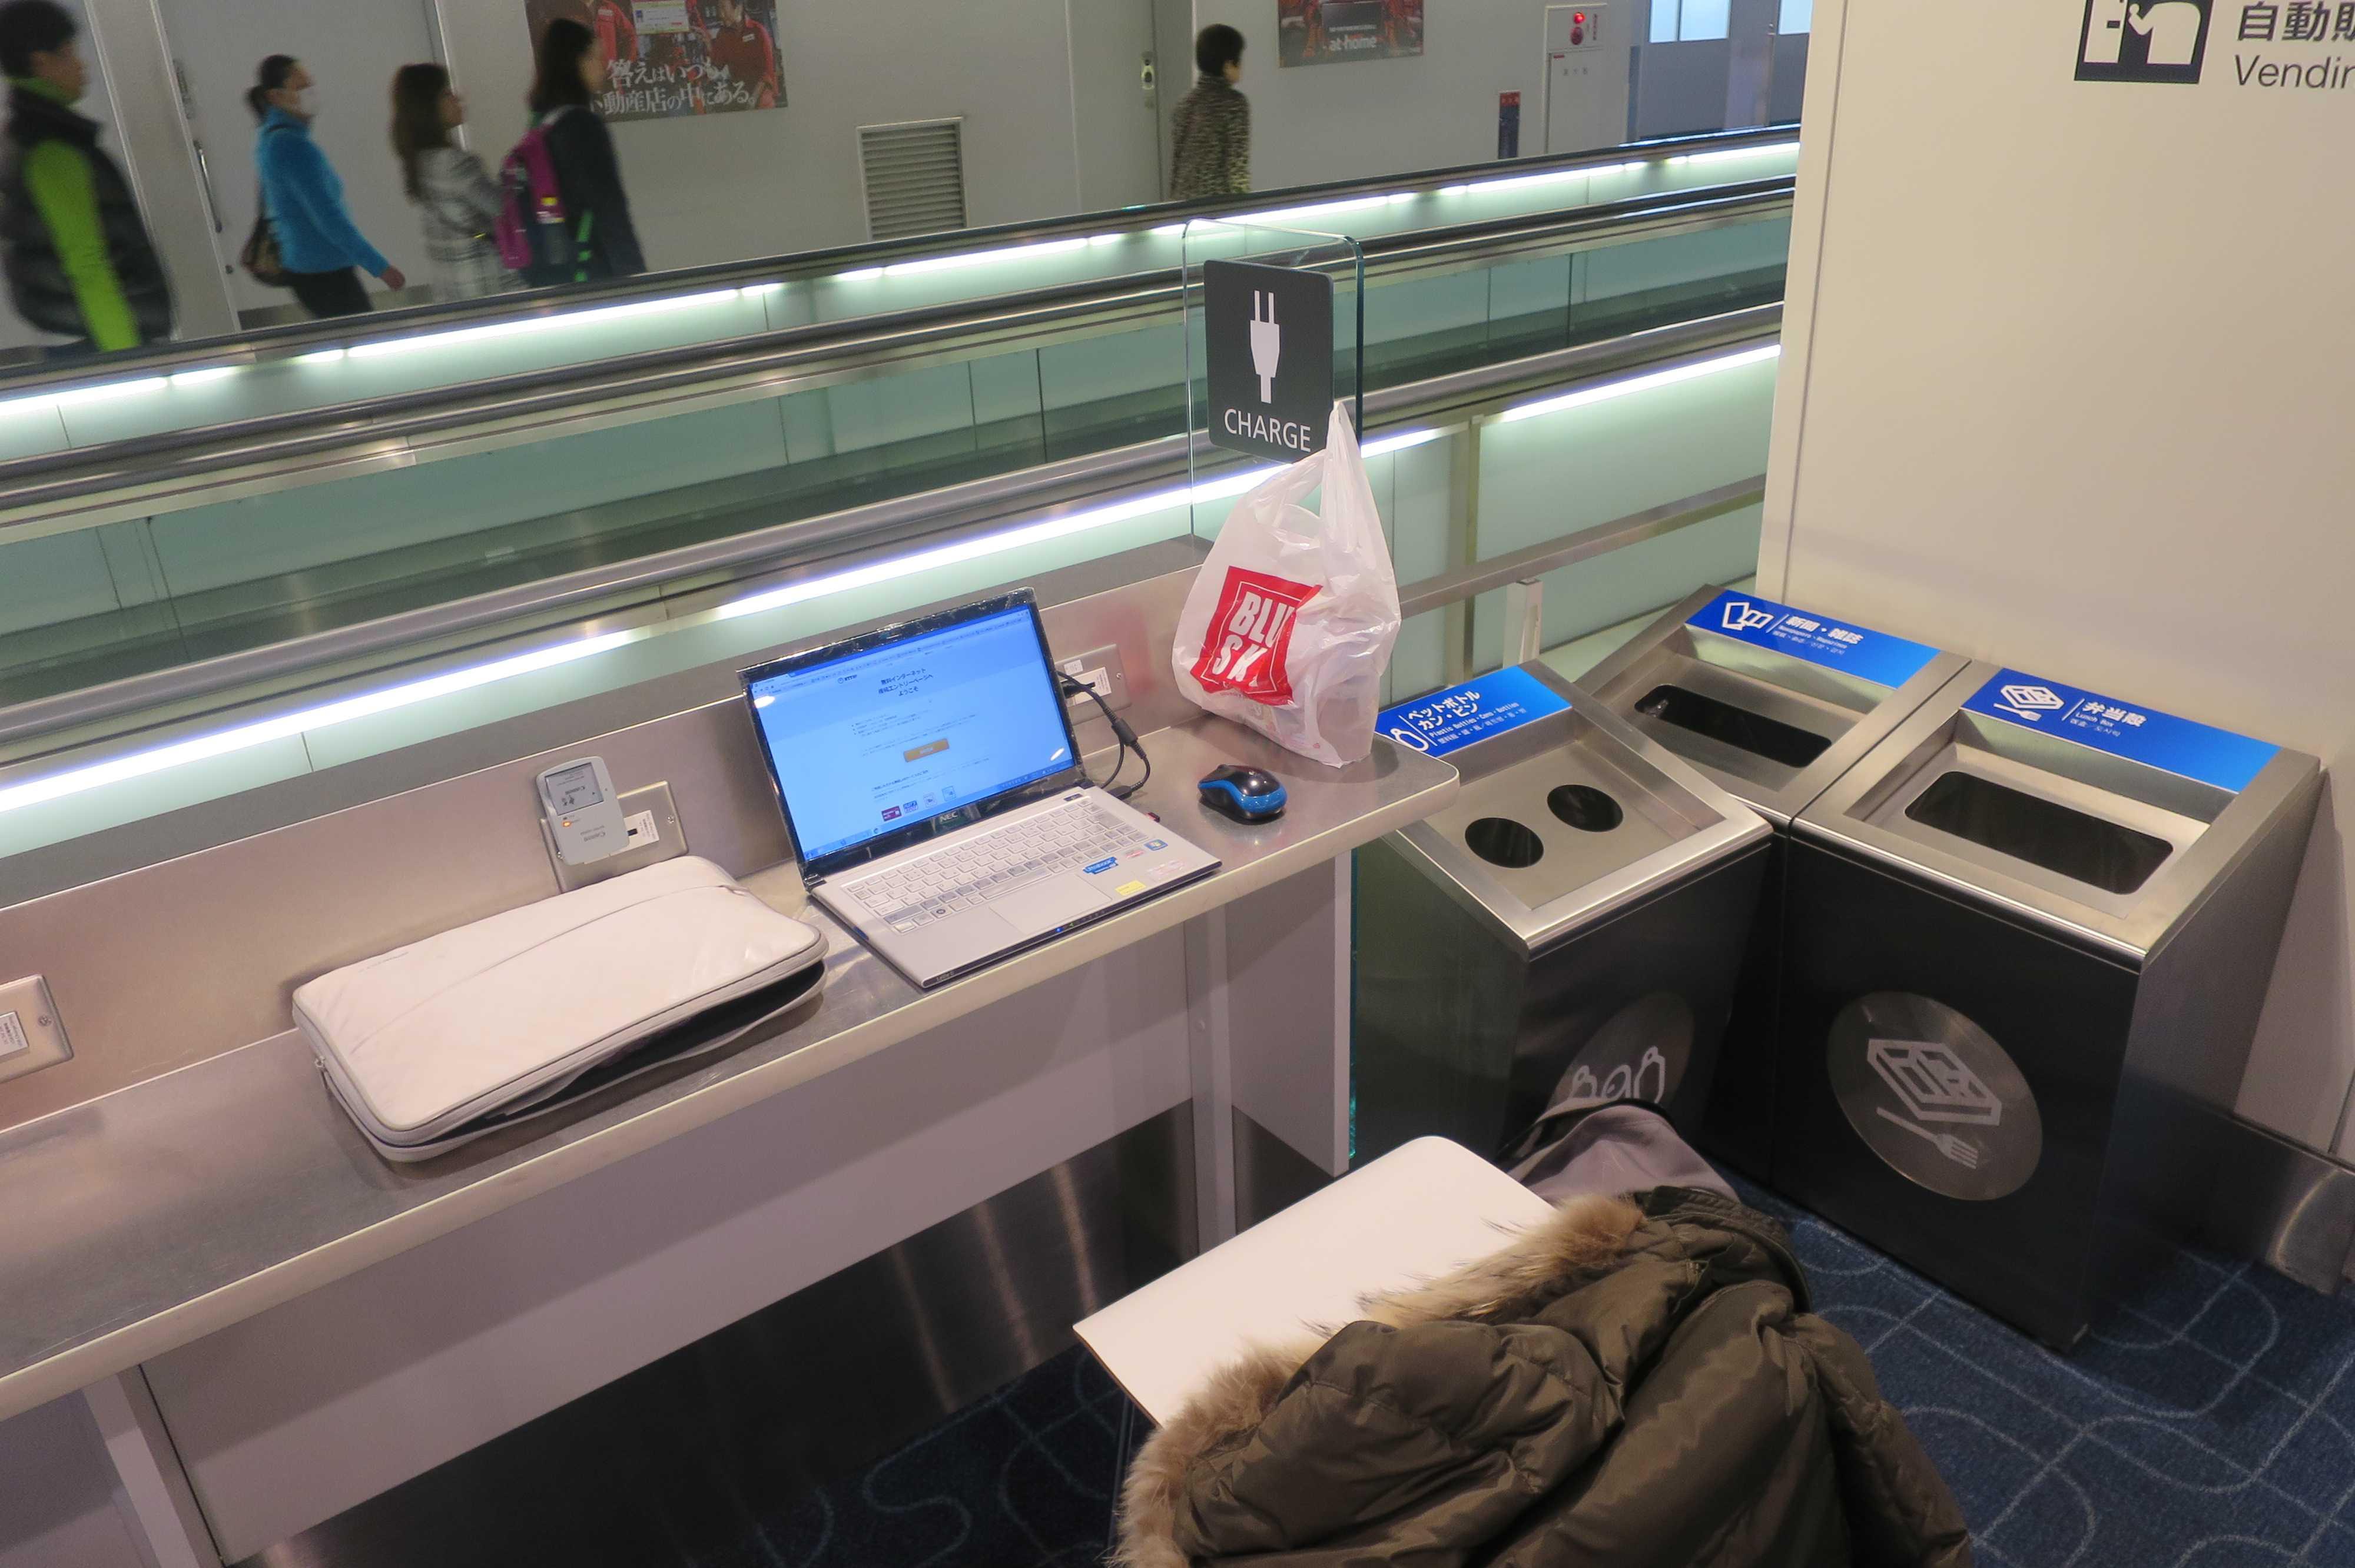 羽田空港 - メールチェックとデジカメ電池の充電